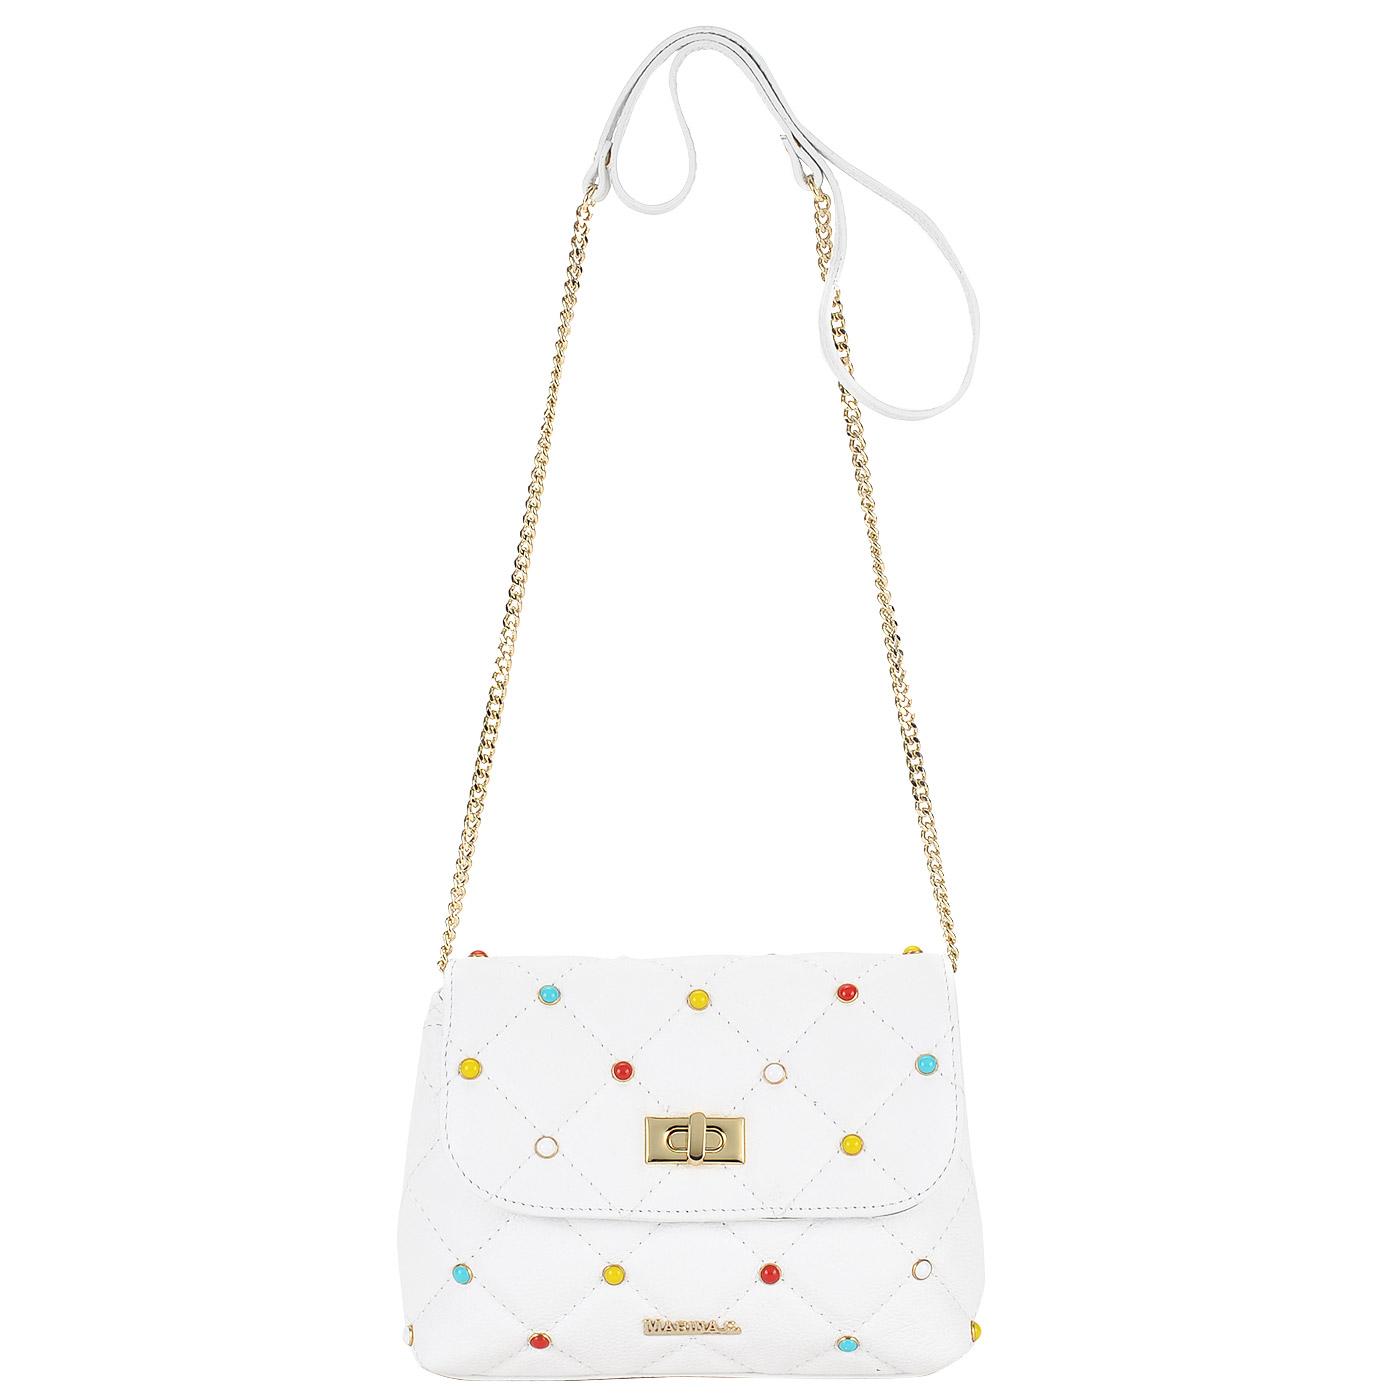 d63bc73c6610 ... Стеганая кожаная сумка с разноцветными клёпками Marina Creazioni ...